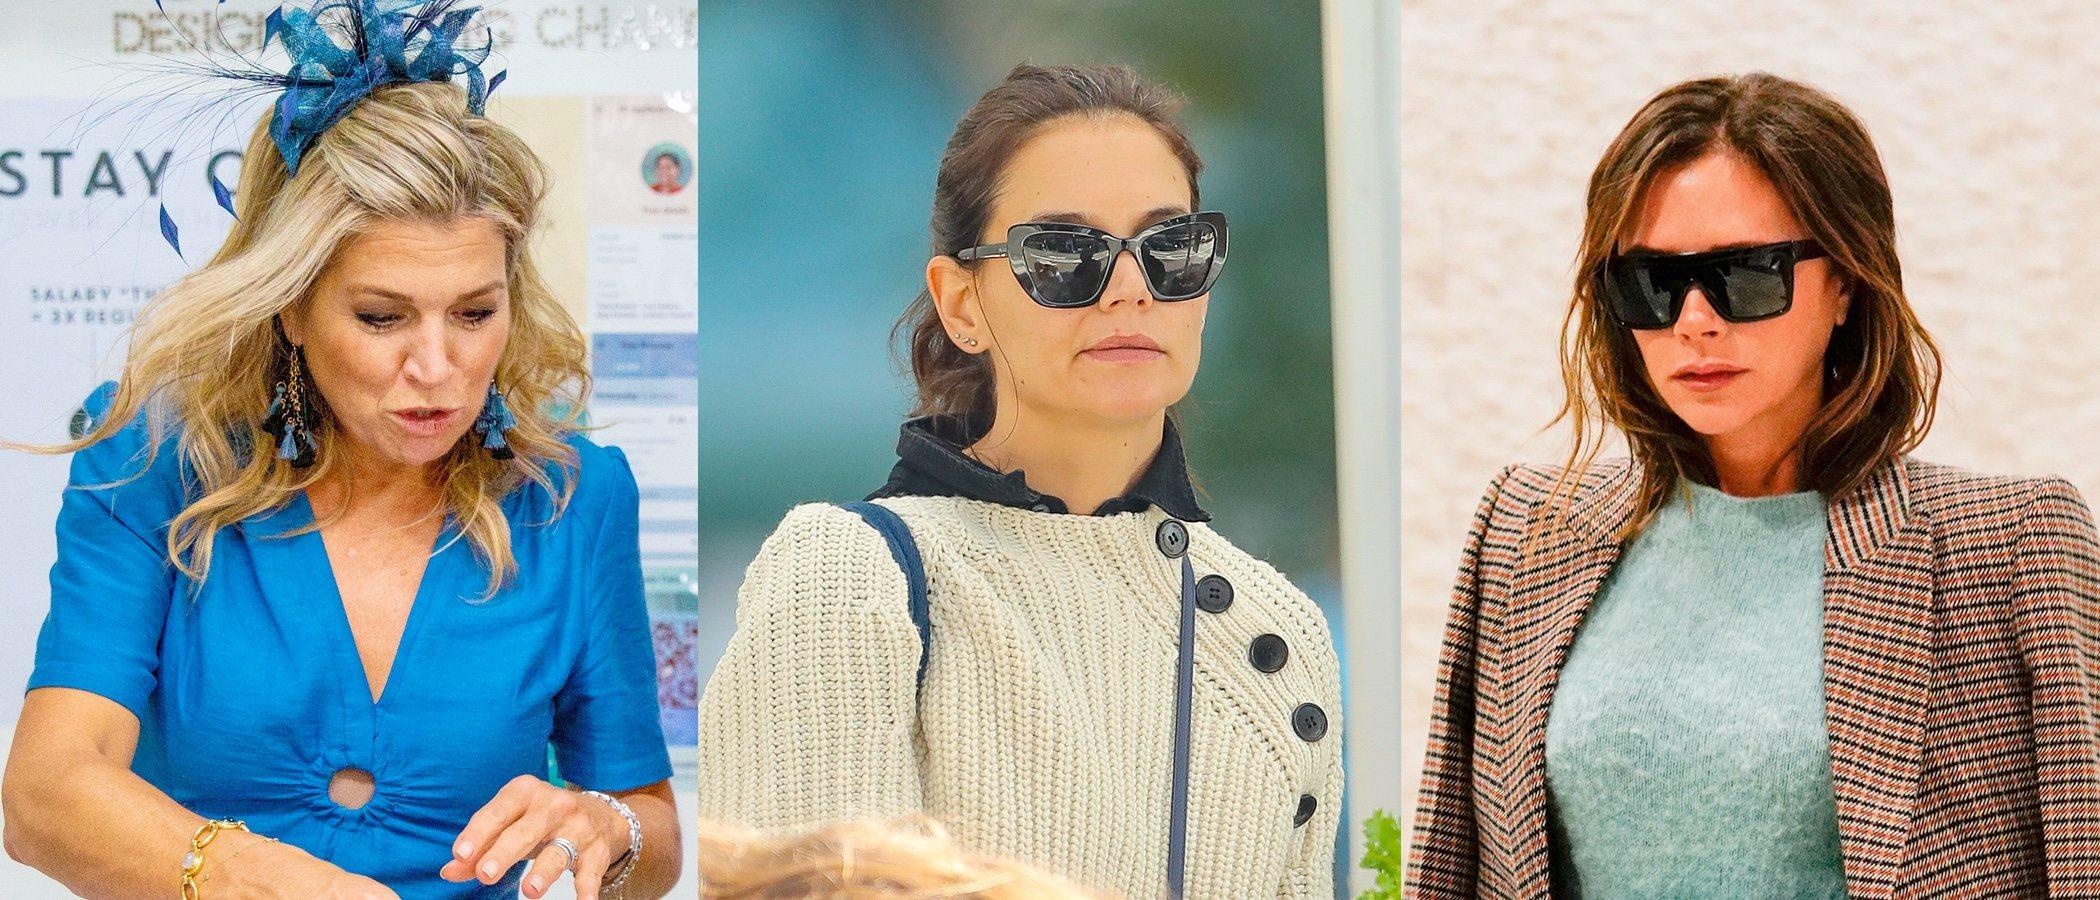 Máxima de Holanda, Katie Holmes y Victoria Beckham se coronan con los peores looks beauty de la semana